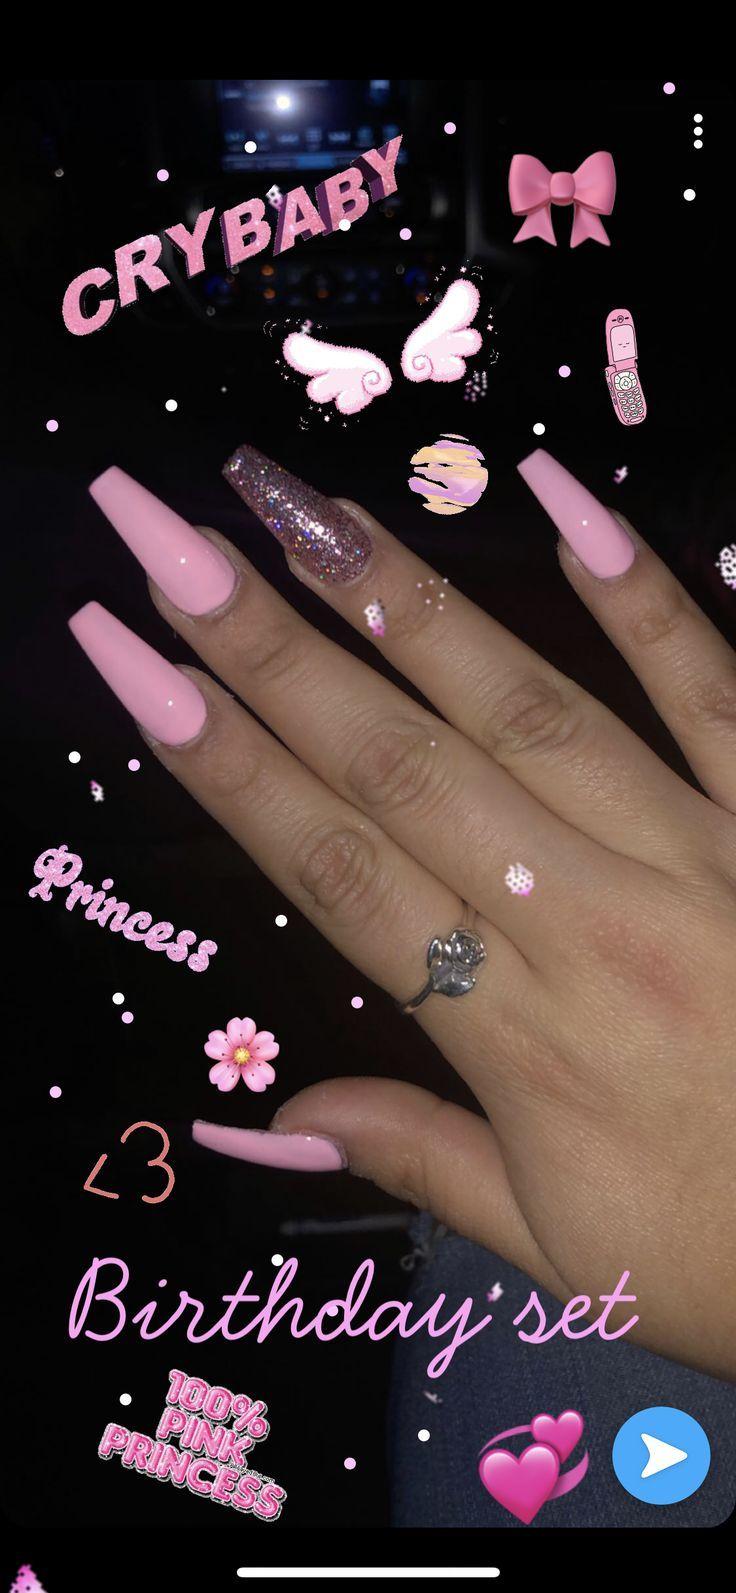 Pink Acrylic Nails Glitter Coffin Baddie Nailart Nailinspiration My 18th Bir Acrylic Nails Coffin Pink Long Acrylic Nails Ombre Acrylic Nails